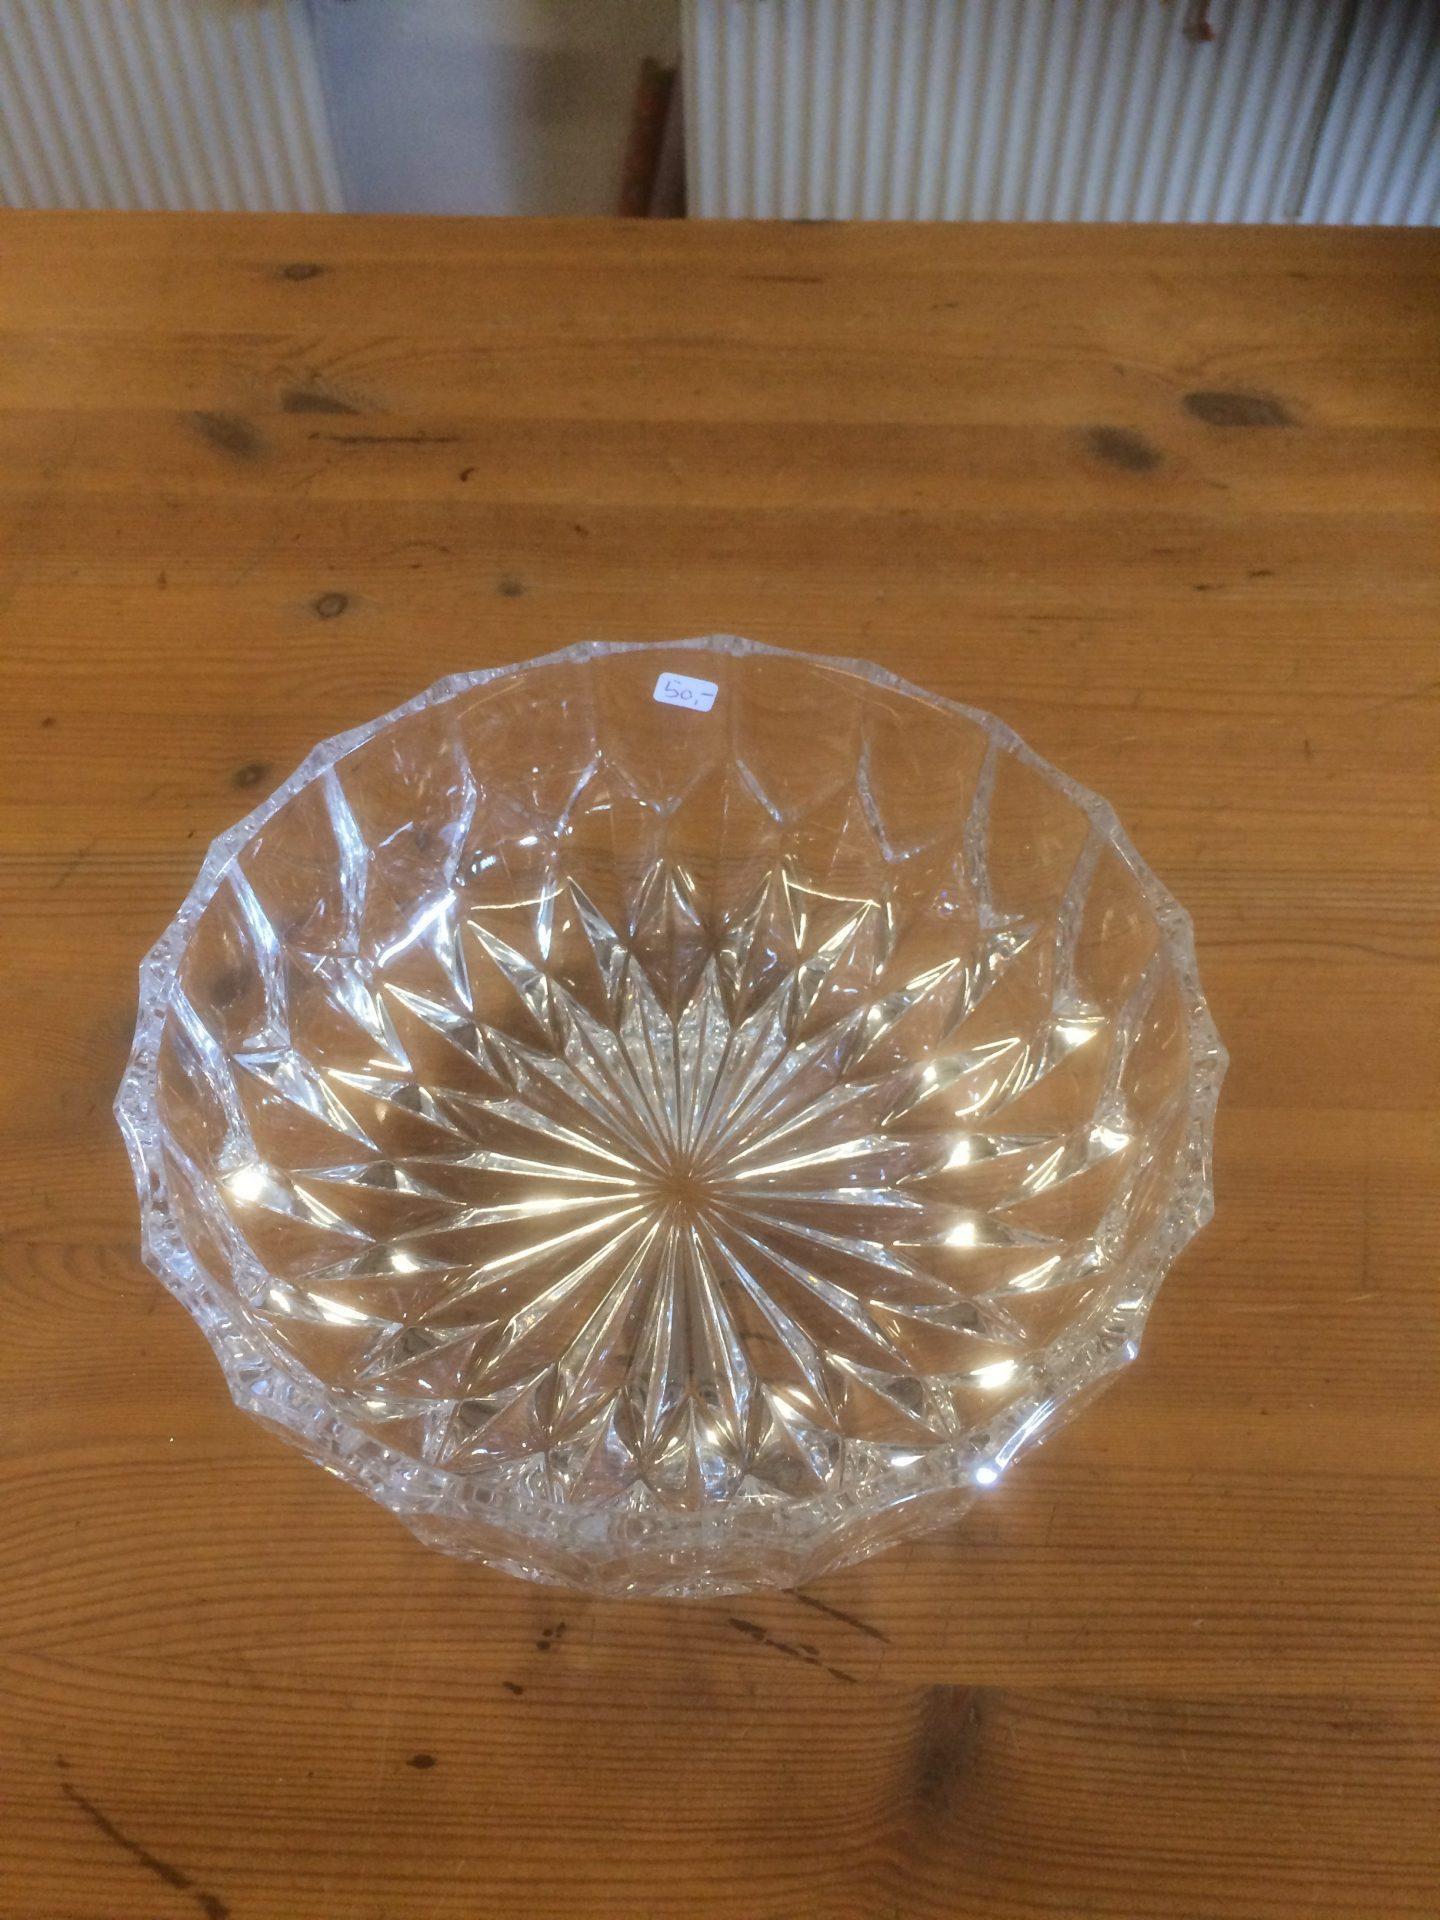 23/30 Krystal skål størrelse 150-70mm pris 50kr